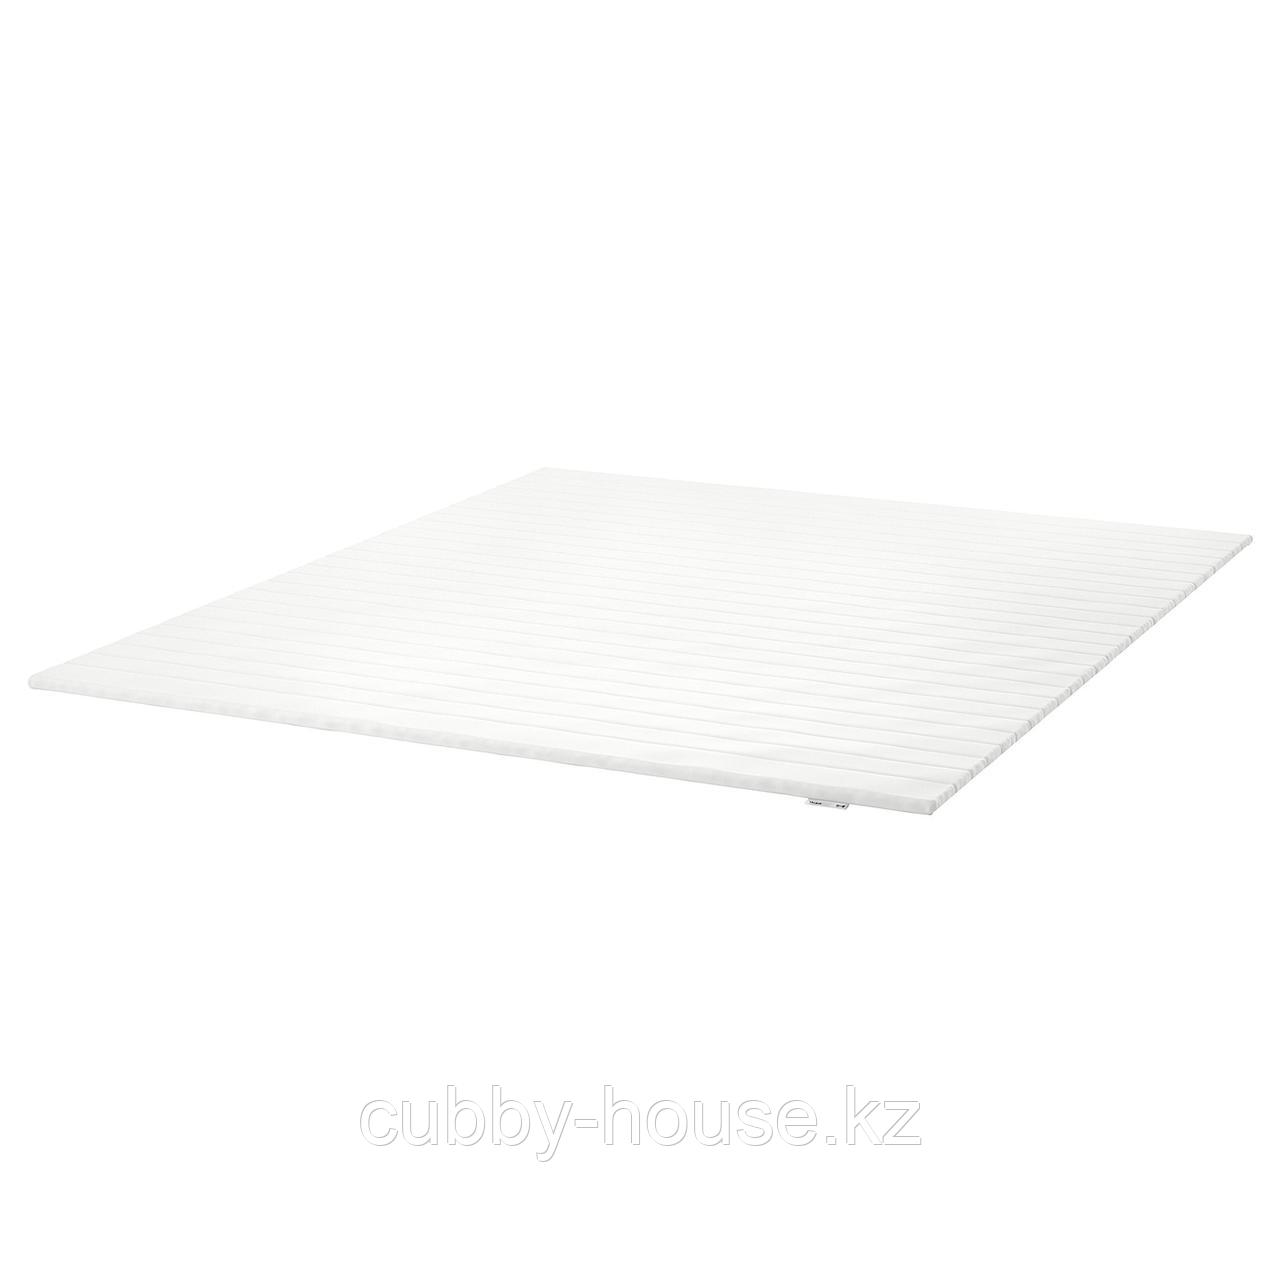 ТАЛЬДЖЕ Тонкий матрас, белый, 140x200 см